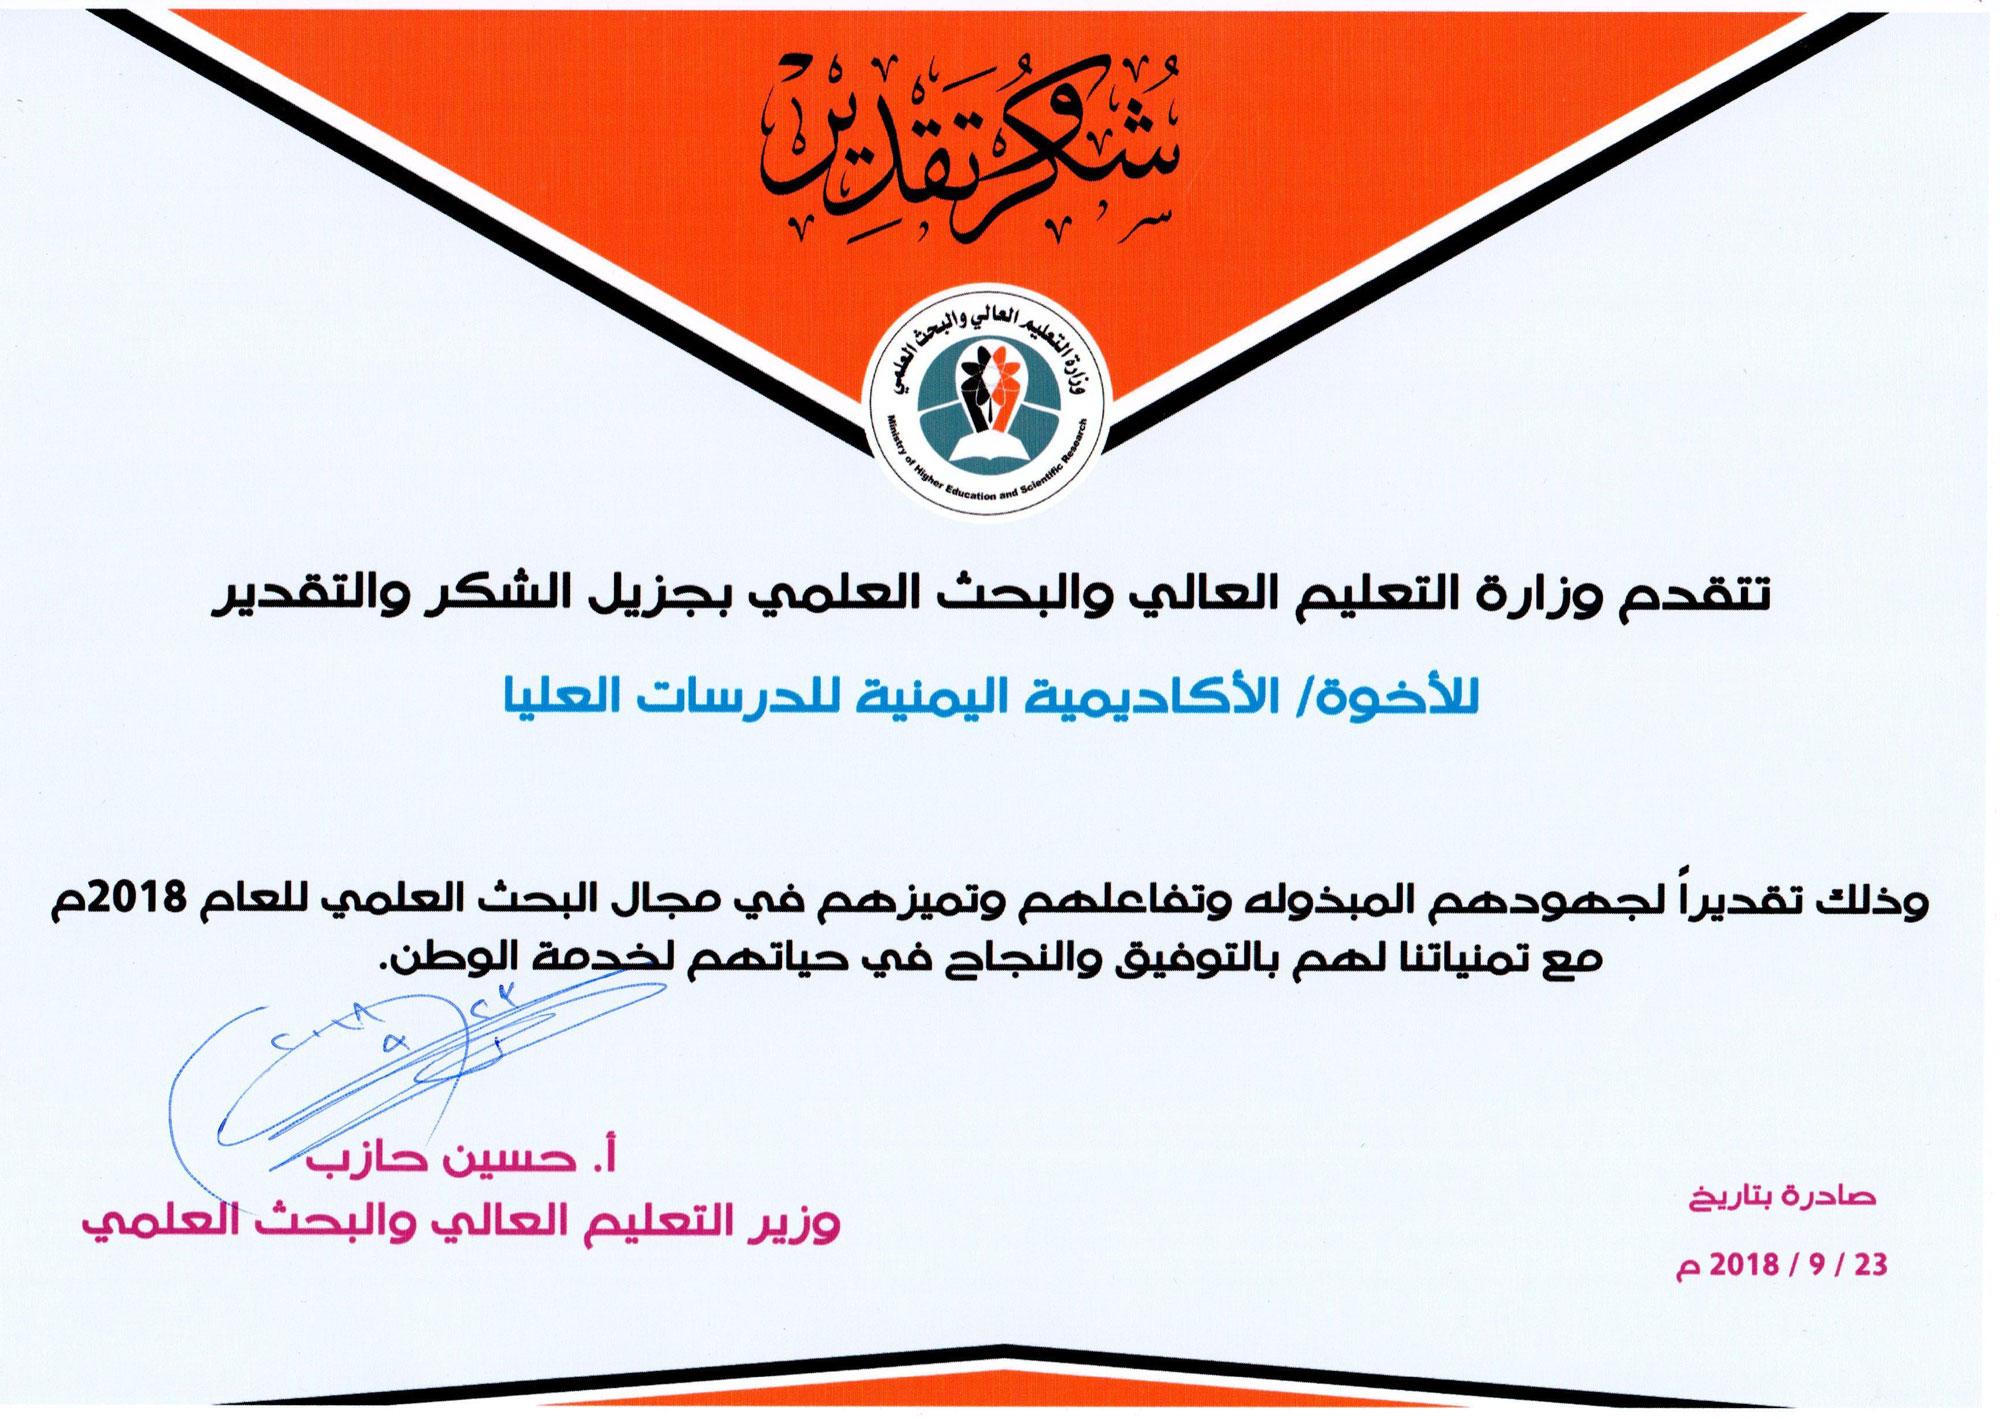 تكريم الأكاديمية اليمنية للدارسات العليا من قبَل وزارة التعليم العالي والبحث العلمي